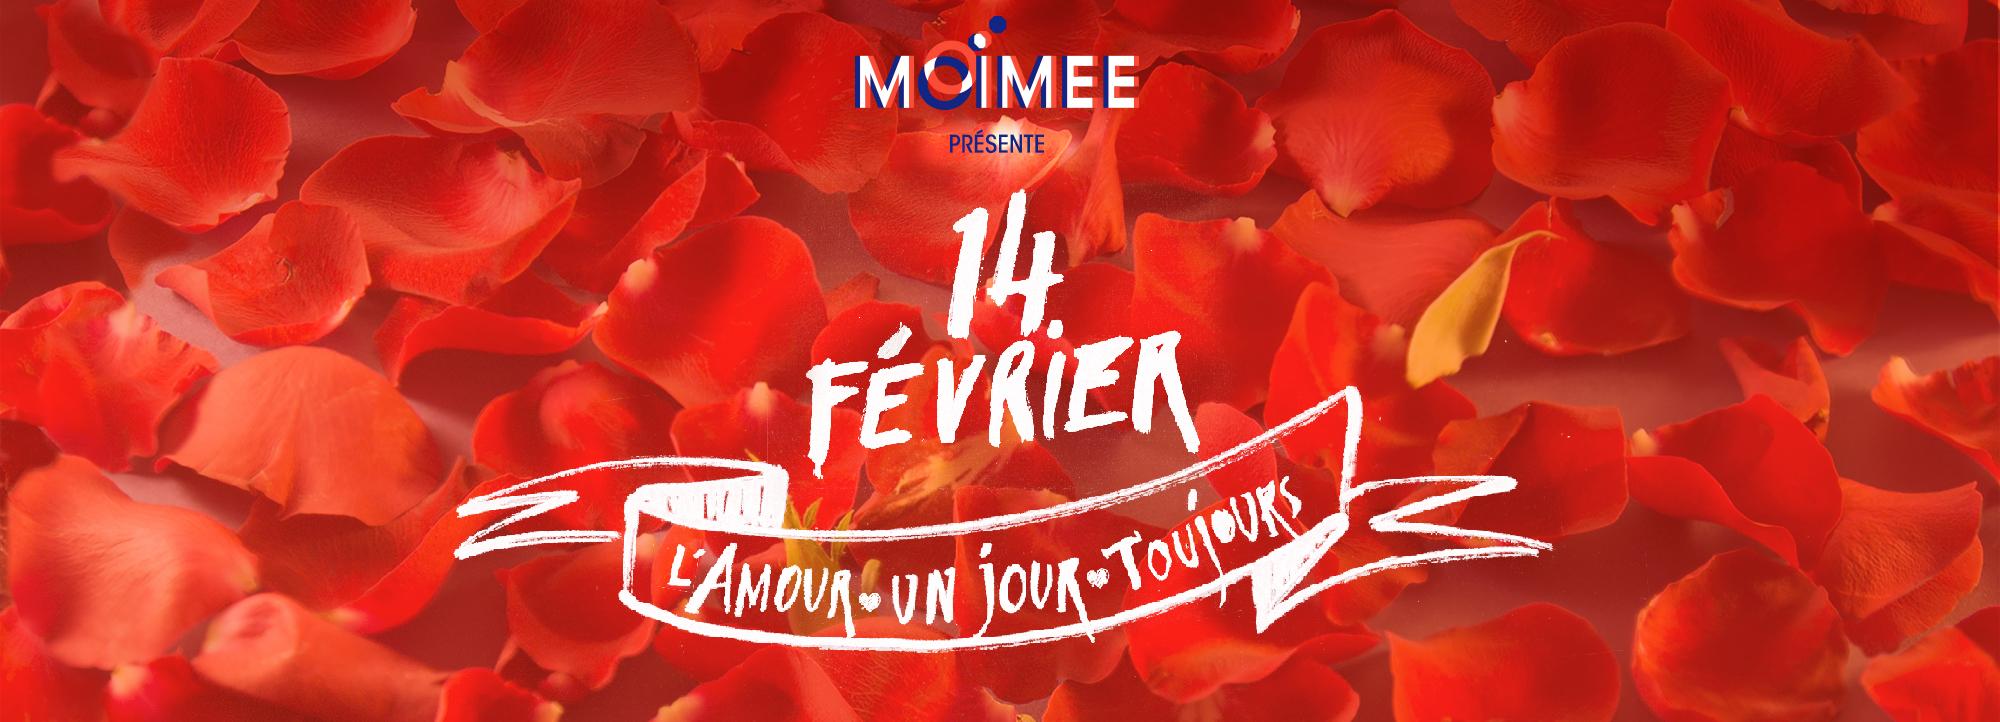 Le 14 février en 3D avec Moïmee Couple imprimé en 3D